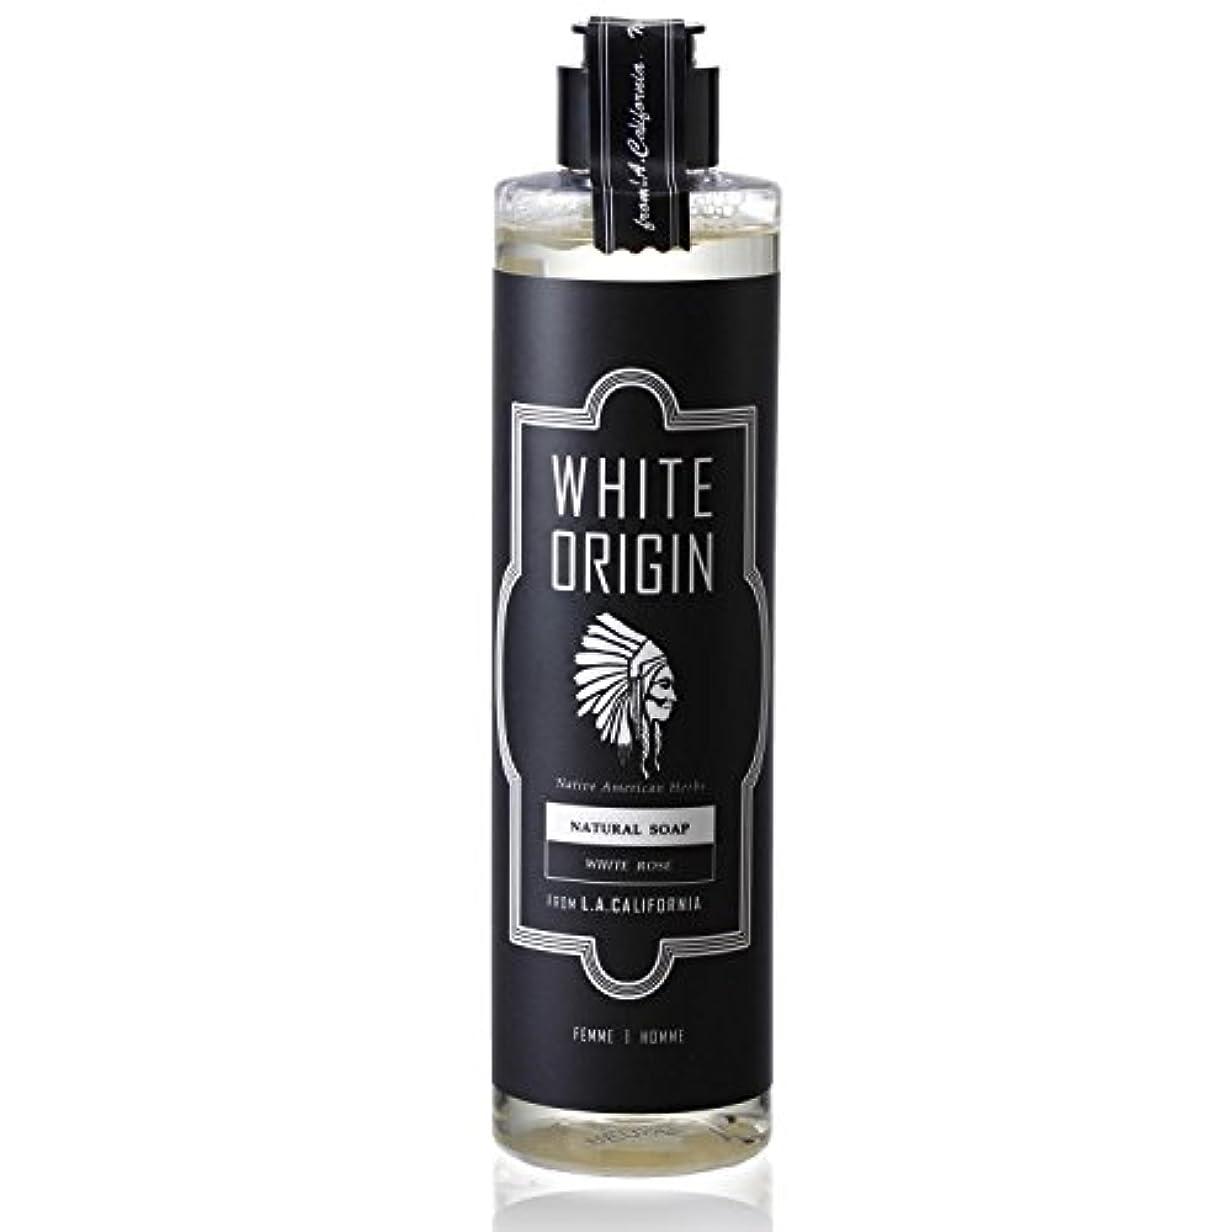 不条理言い直すシャイニングWHITE ORIGIN ボディソープ 300ml 加齢臭 ケア オーガニック ナチュラル 男前 乾燥 ホワイトローズ